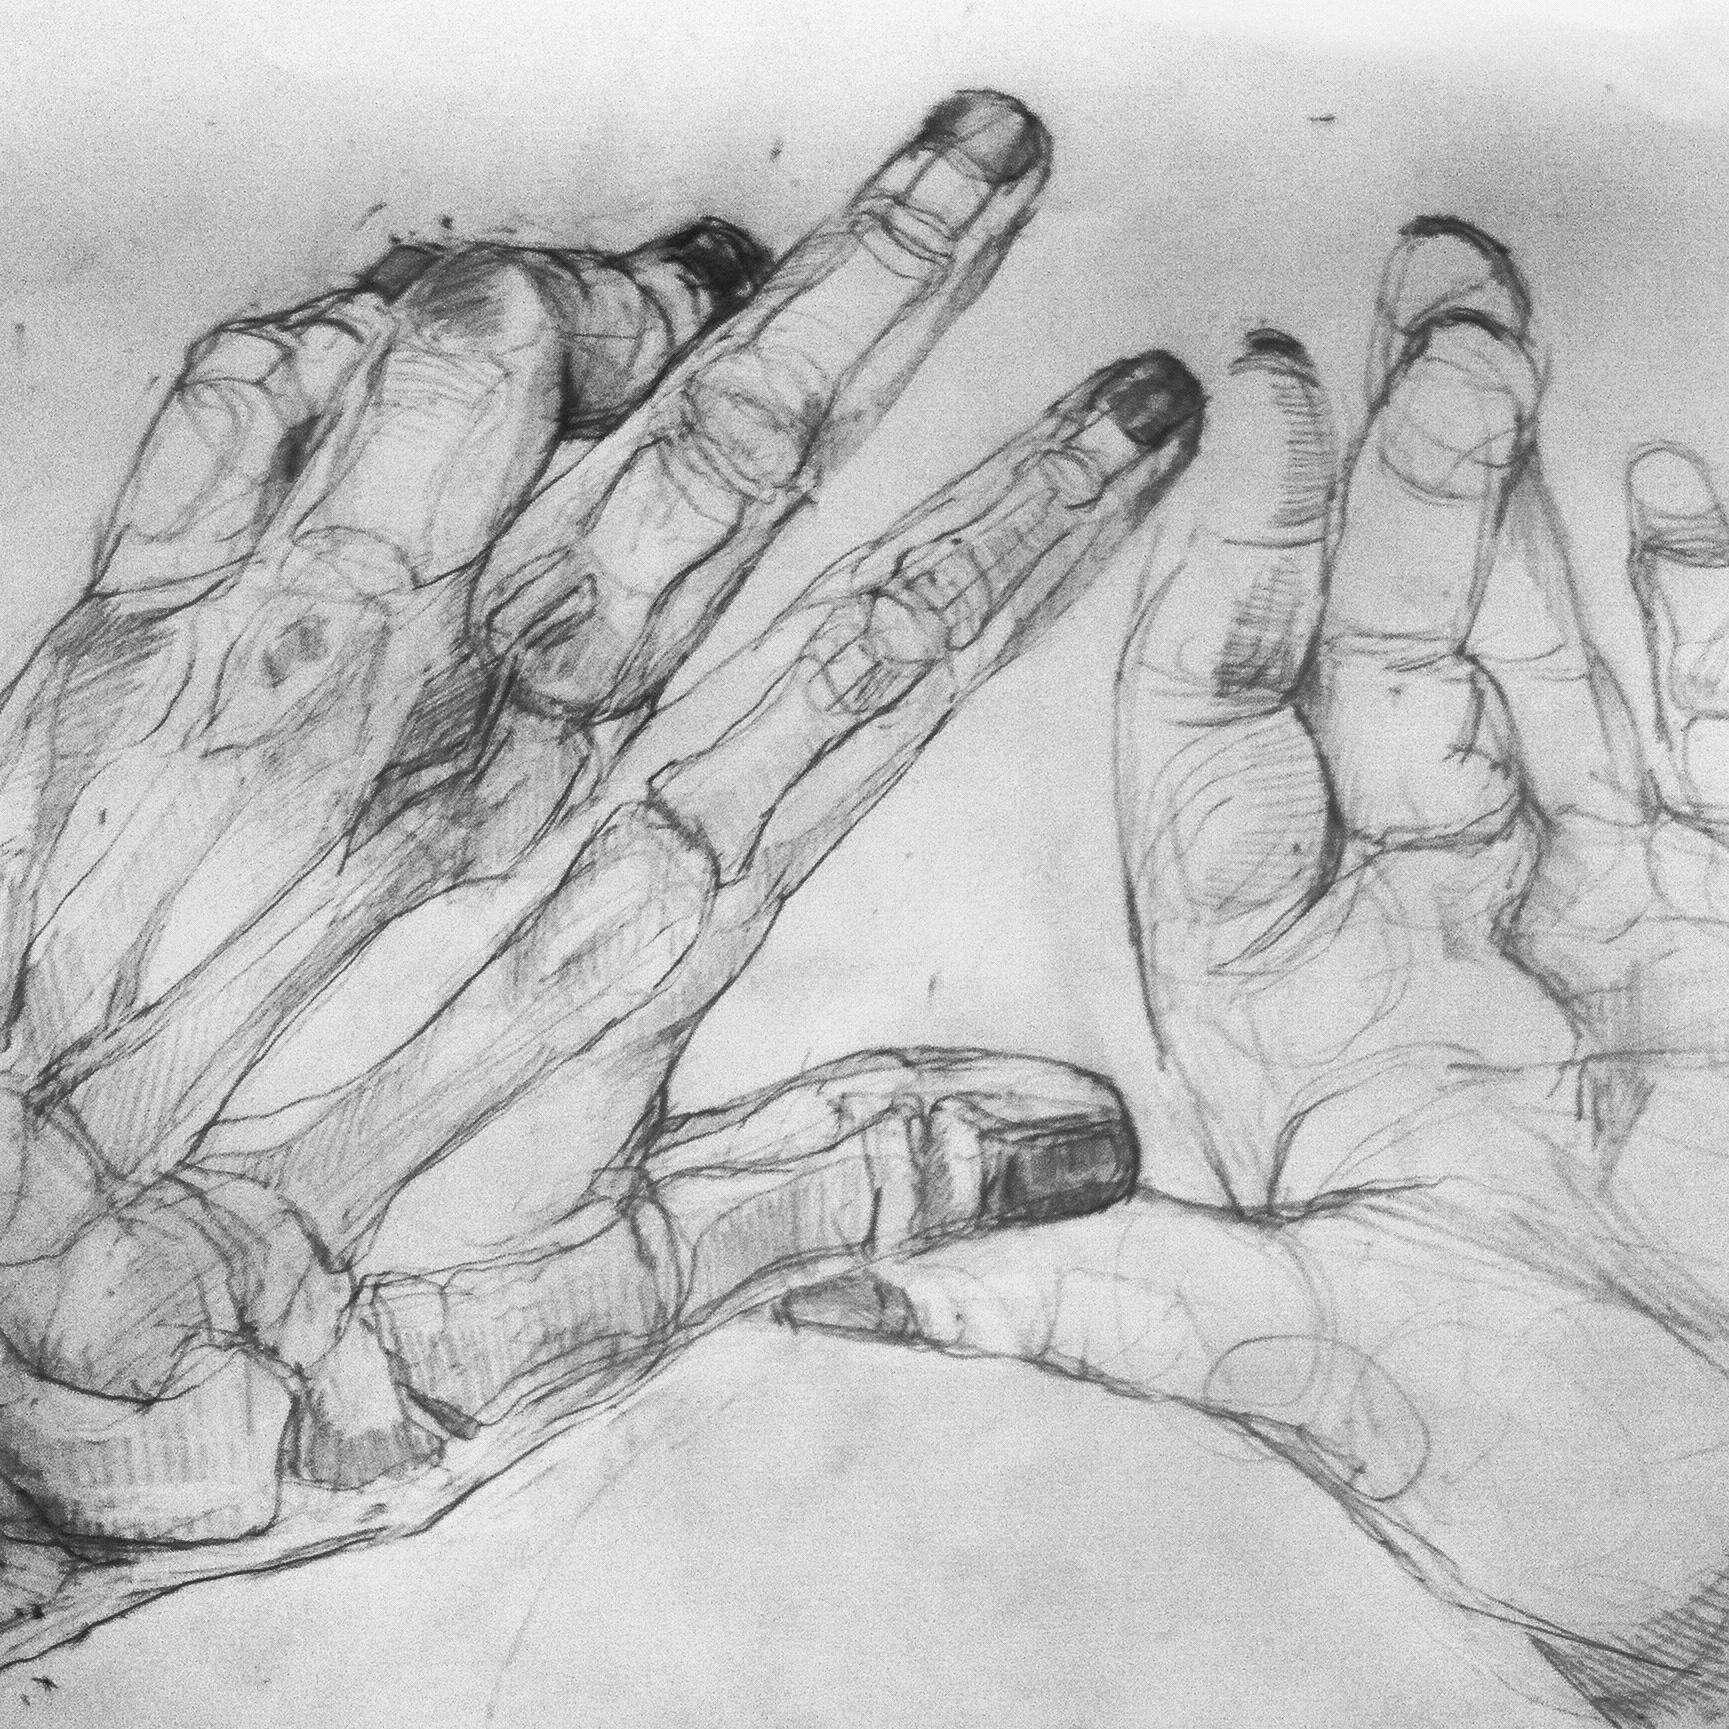 2012, My Hands